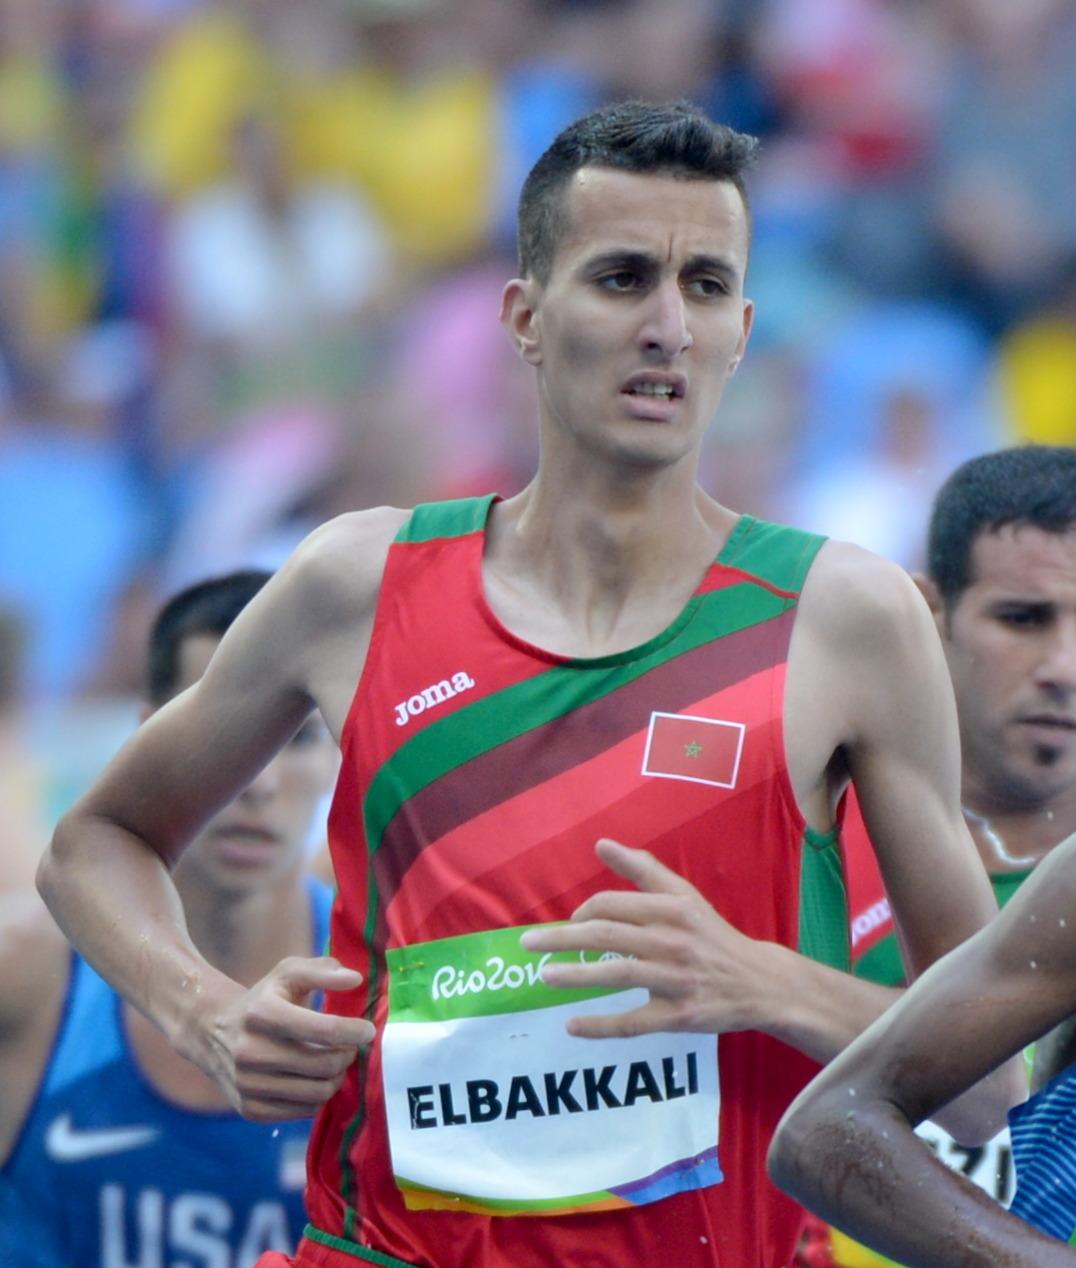 Après Rio 2016, El Bakkali sera aussi à Tokyo 2020.